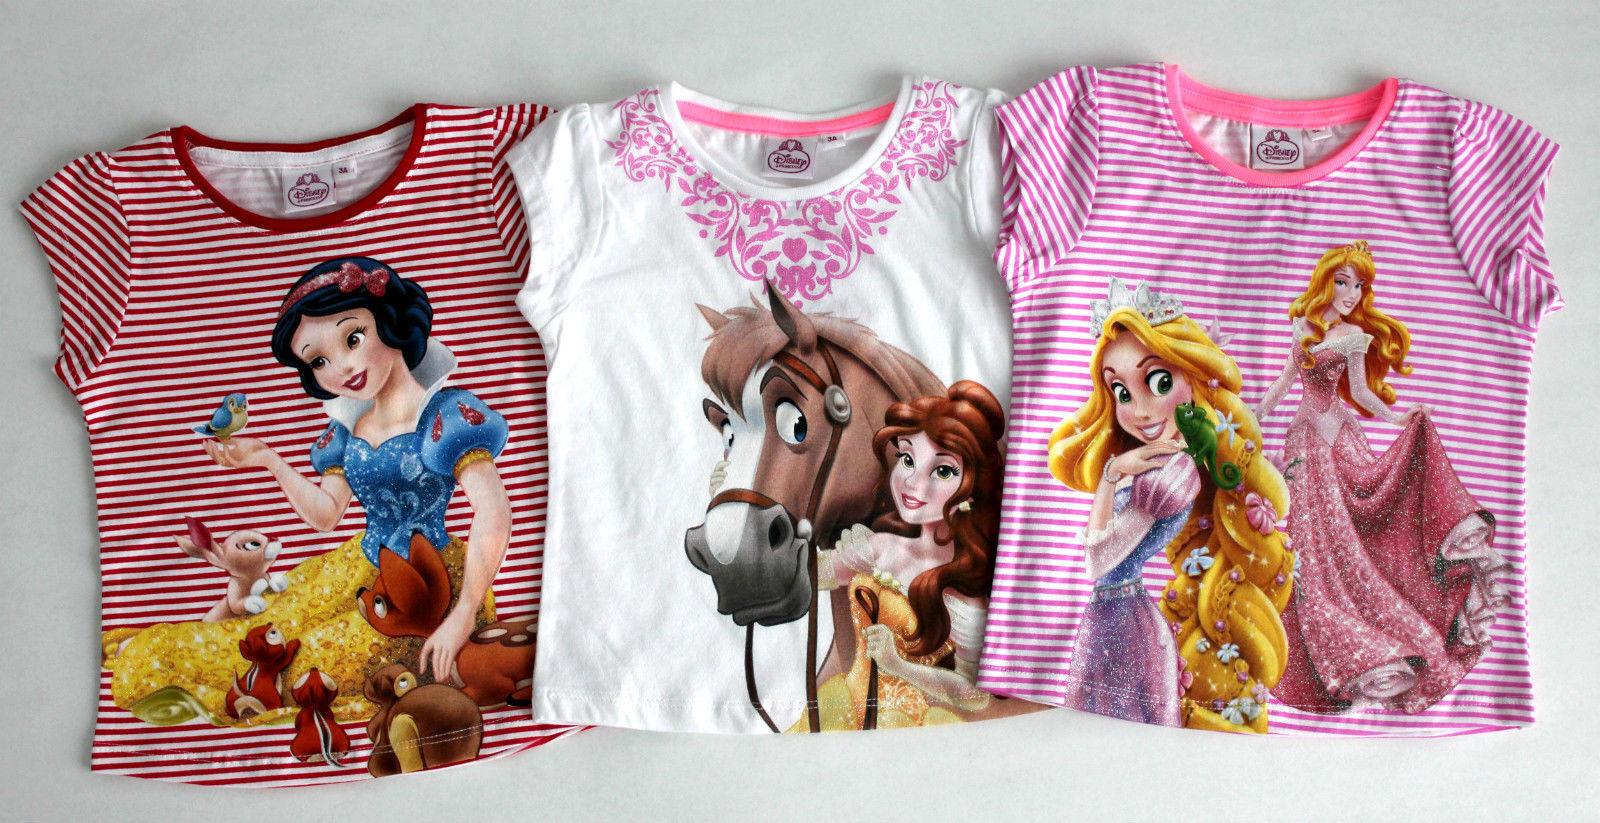 Disney Princess Mädchen KinderT-Shirt Gr.98-116 Shirt kurzarm  Pullover neu!